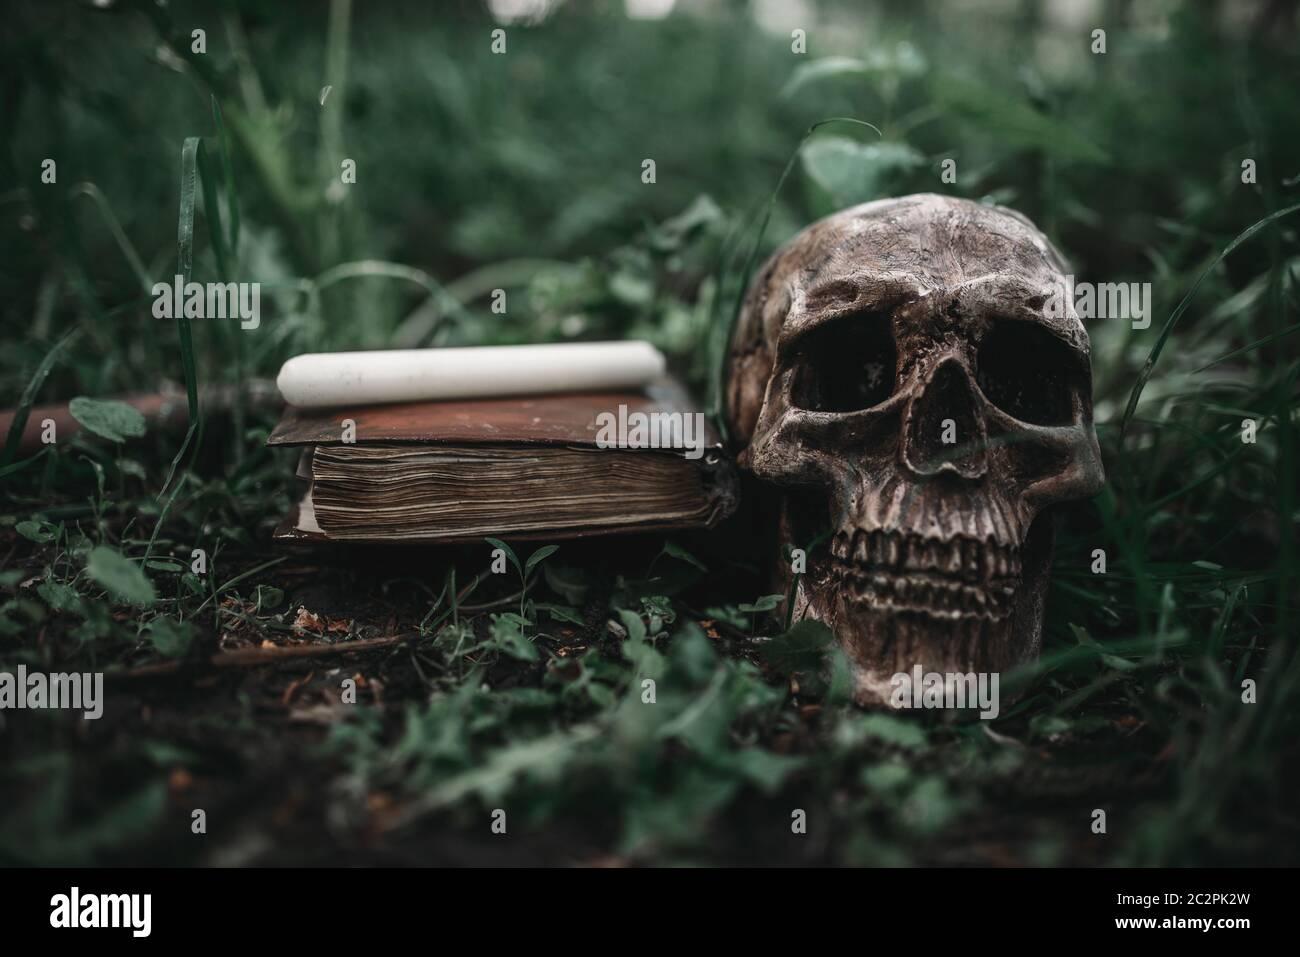 Abrir libro de magia negra con símbolos ocultos y cráneo humano sobre la hierba en el bosque. Exorcismo y rituales sobrenaturales Foto de stock